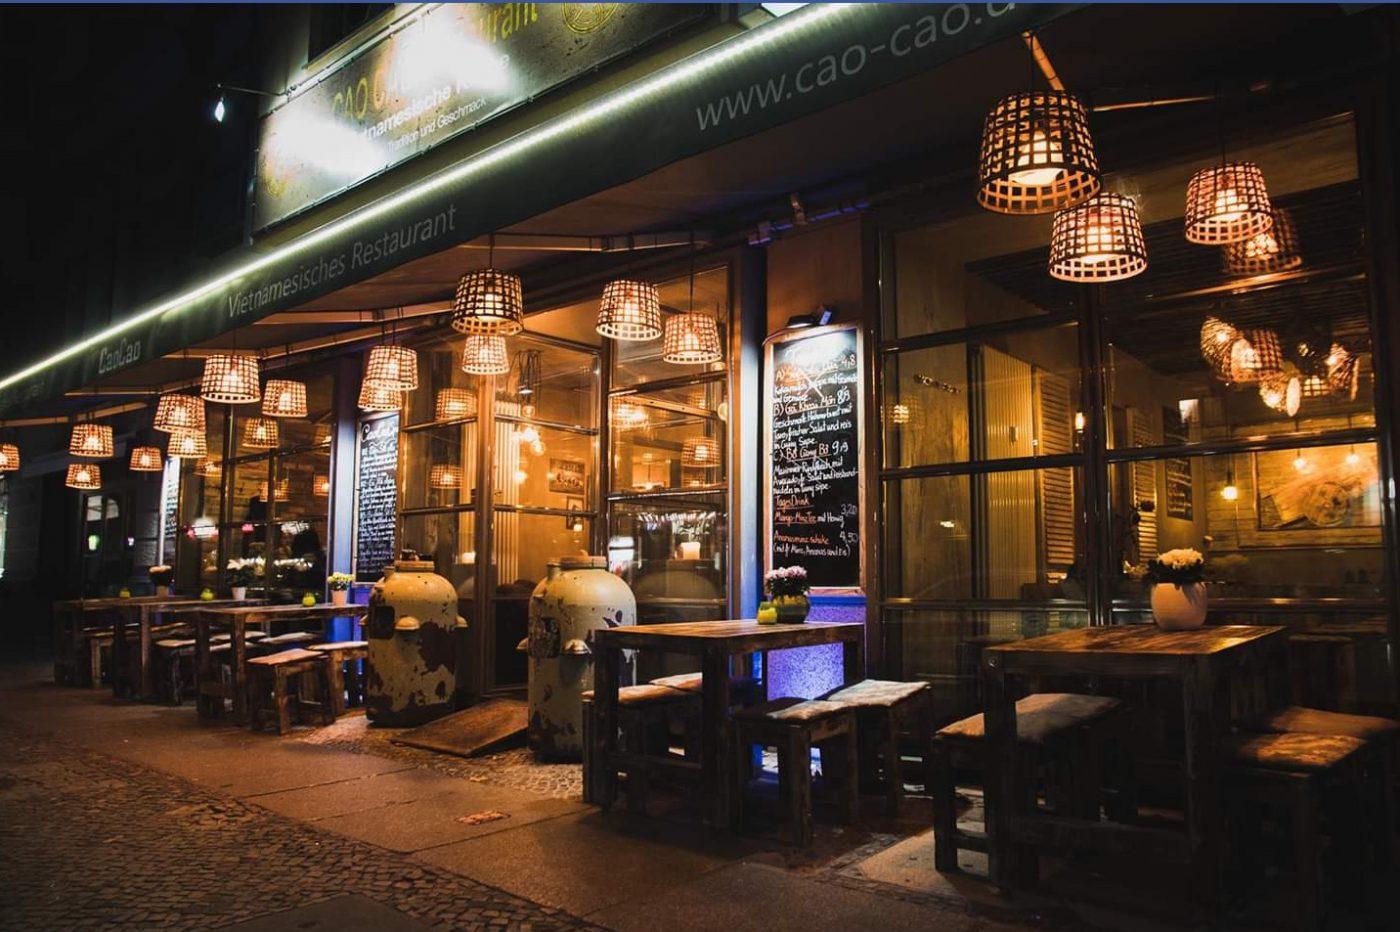 Restaurant - Cao Cao - Restaurant